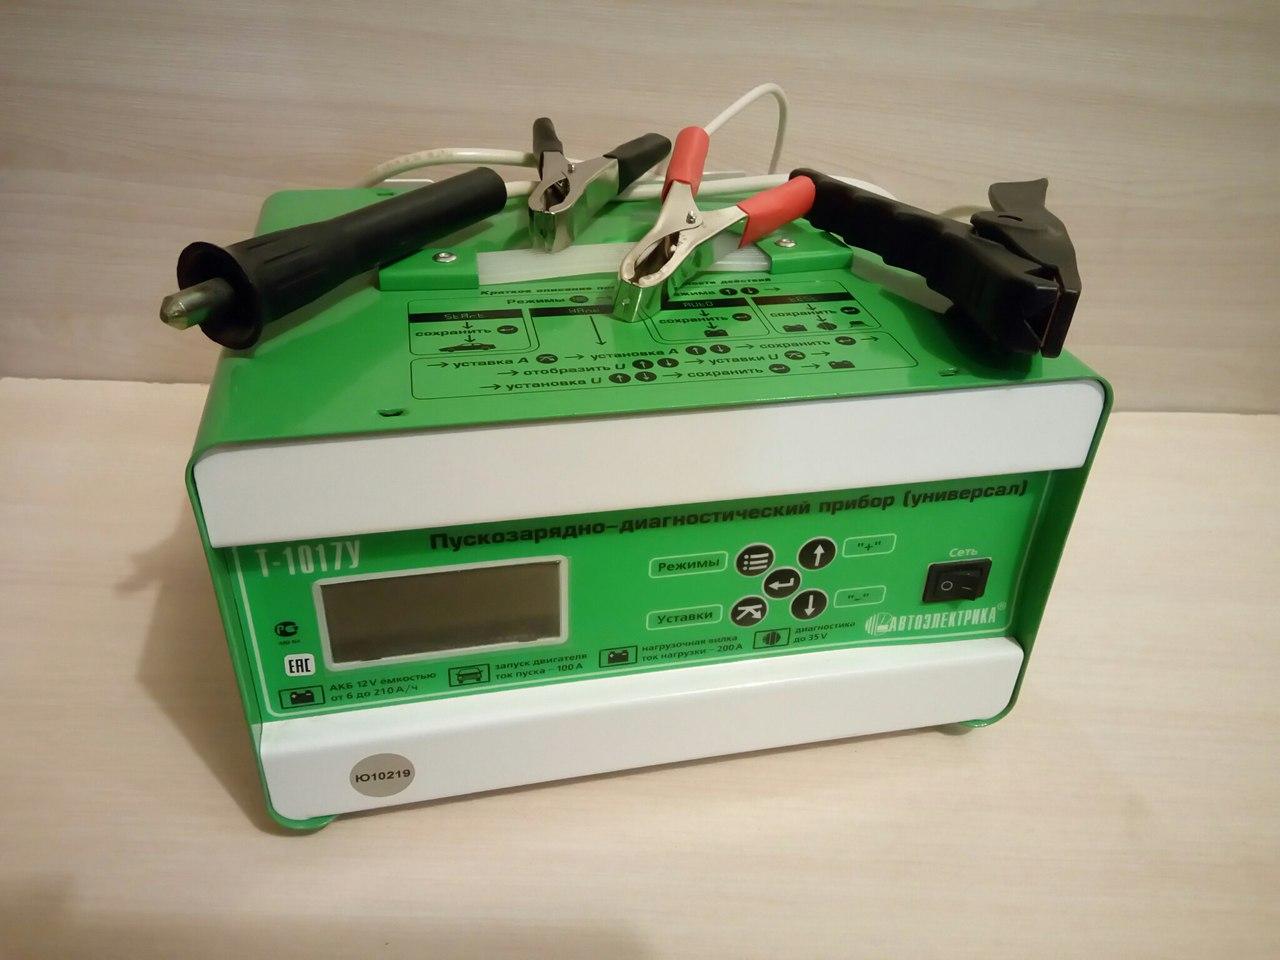 Схема на зарядное устройство т-1017у